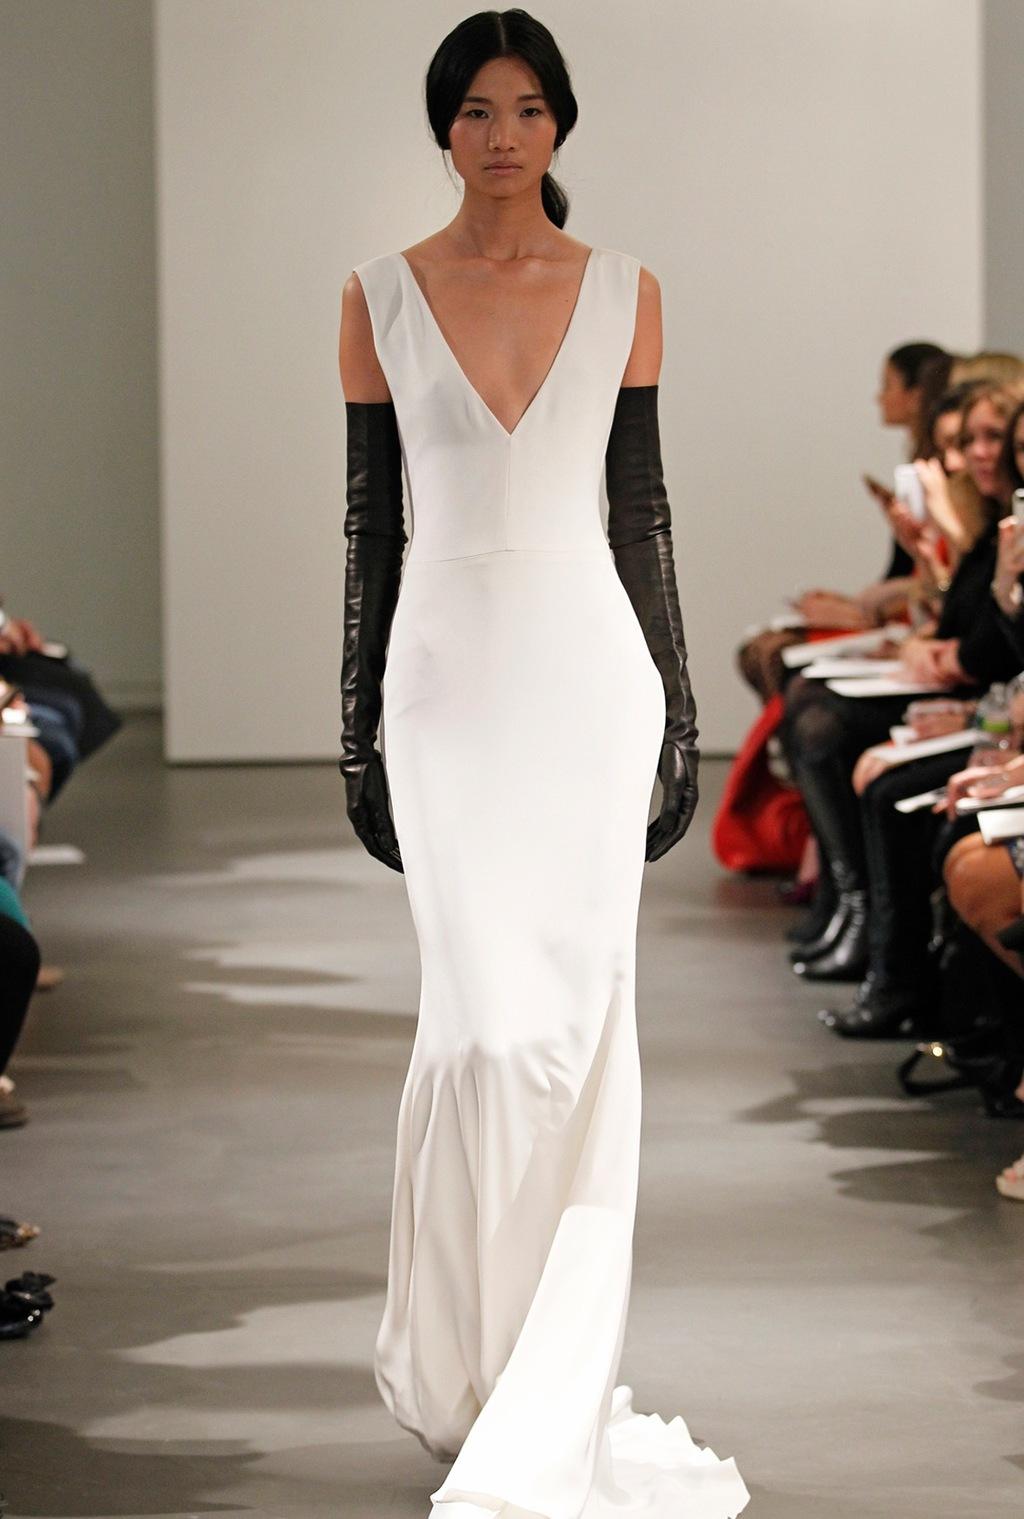 Vw-bride_ss14_runway_look-1.full